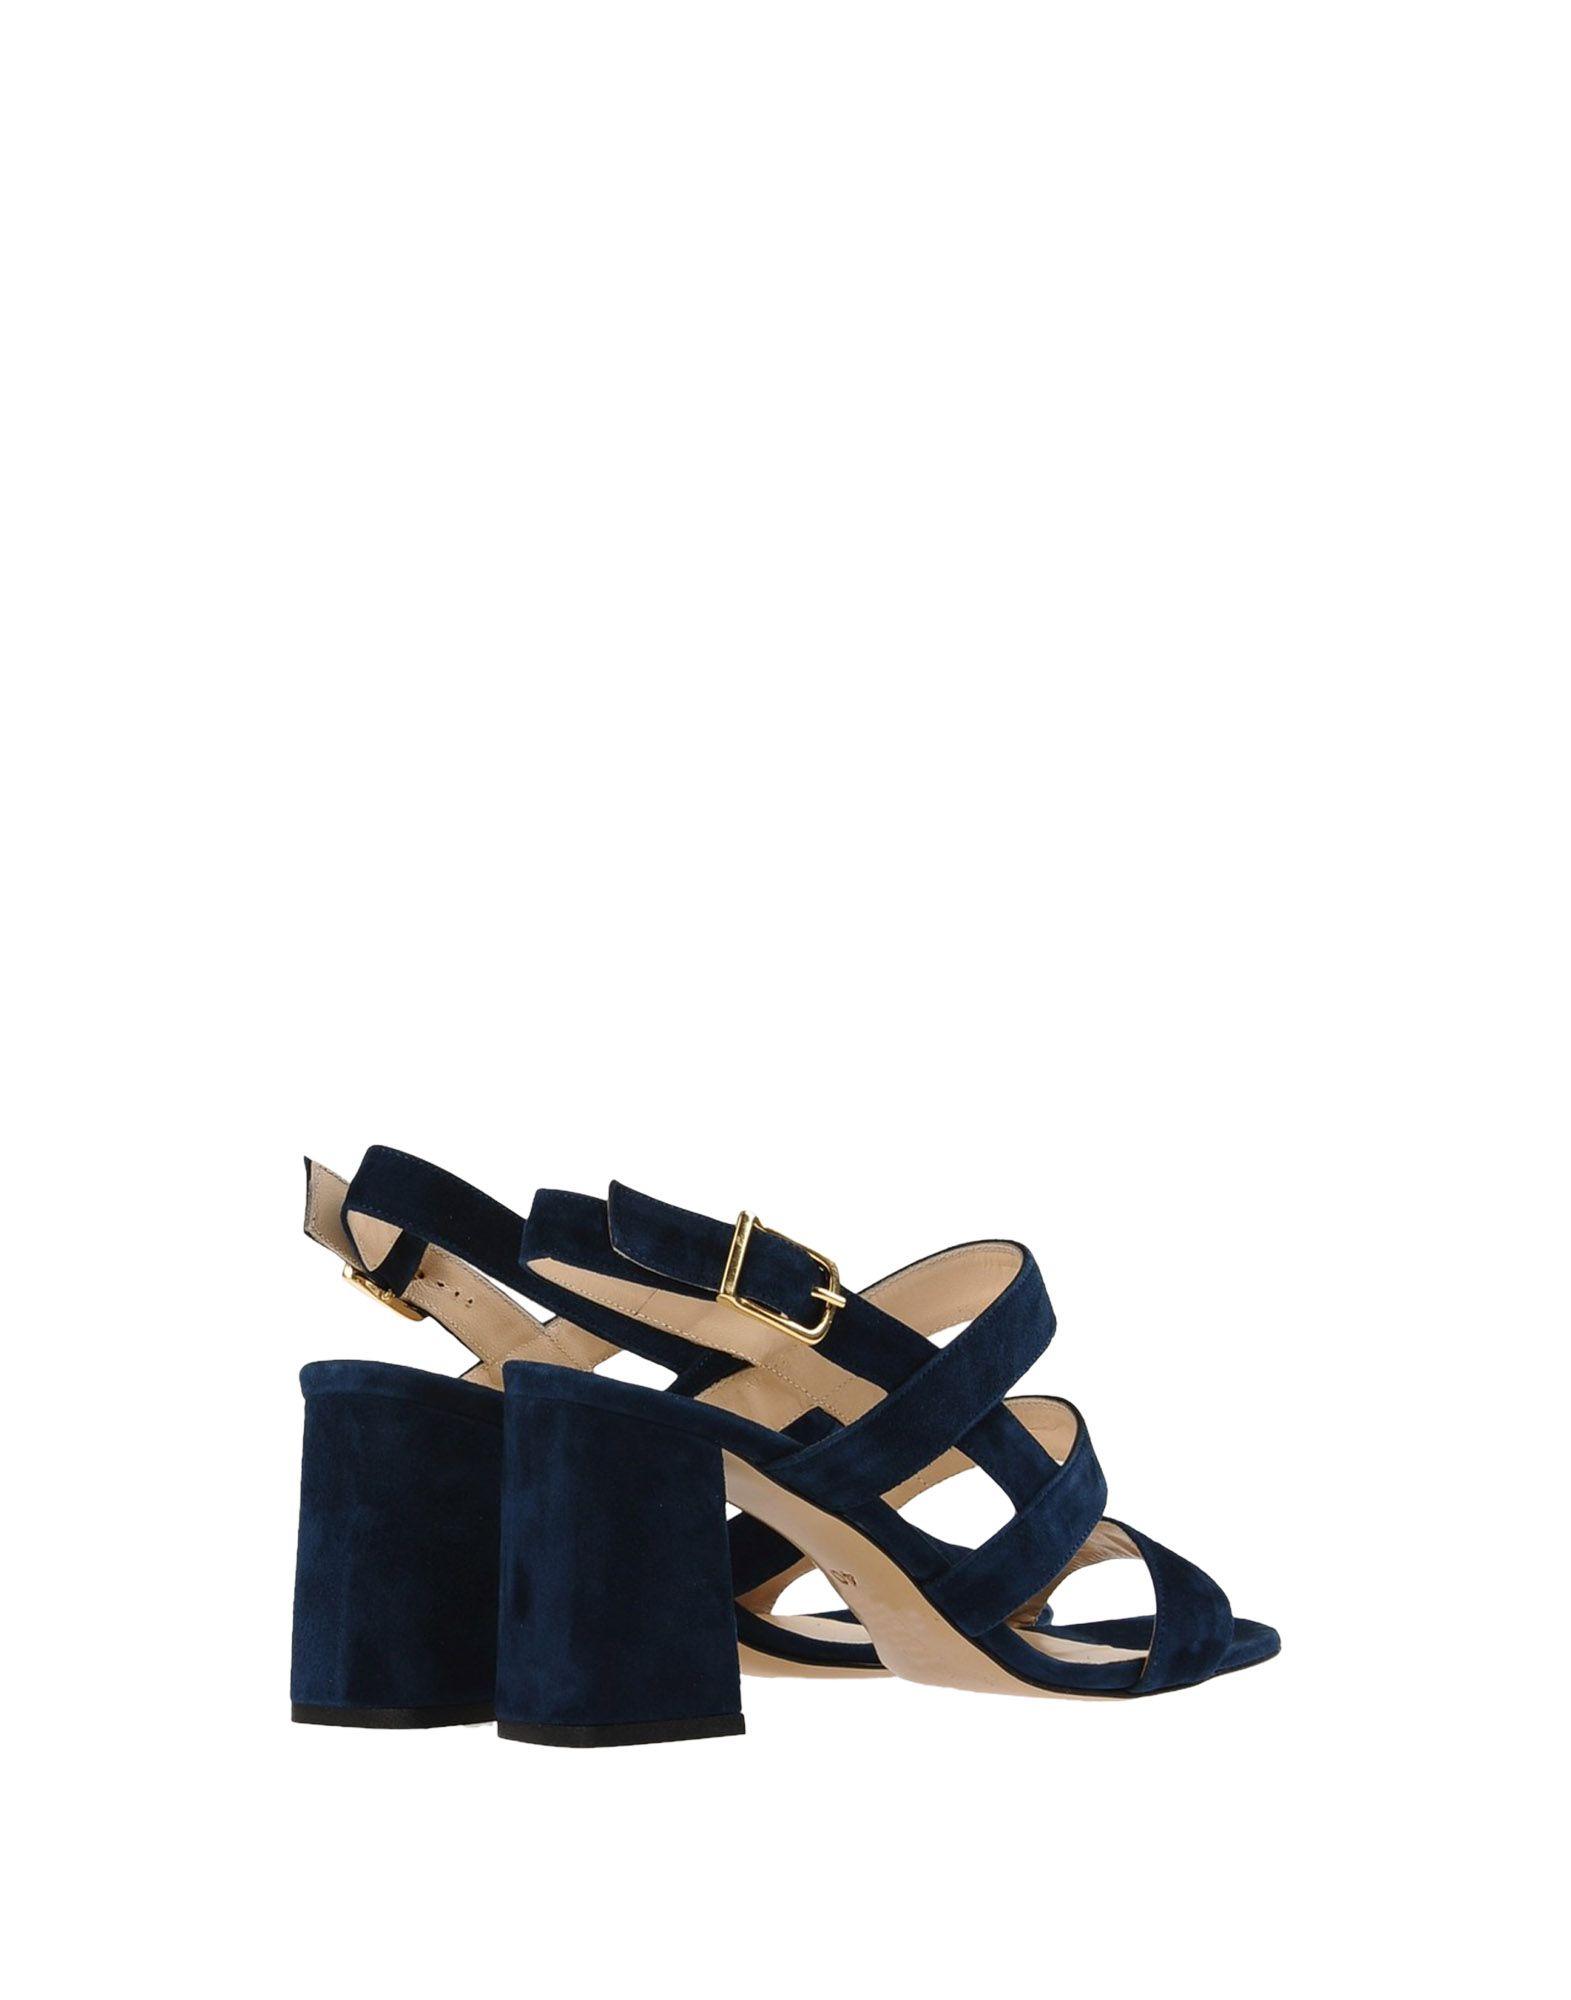 8 Sandalen Damen  11452855FF Gute Qualität beliebte Schuhe Schuhe Schuhe d25380